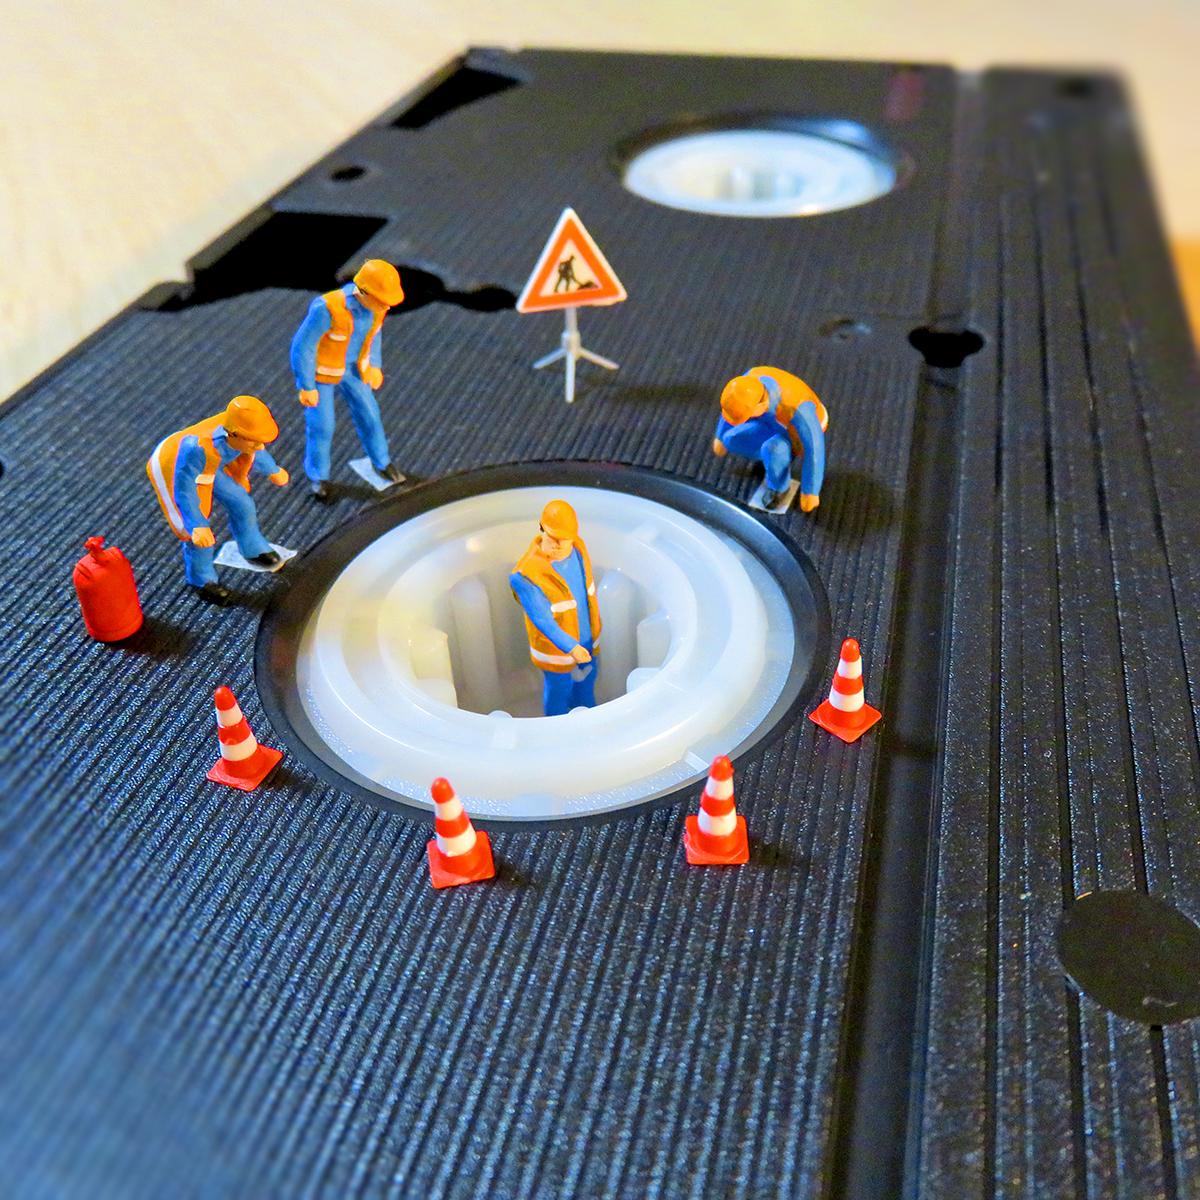 ビデオテープの点検をする作業員たち